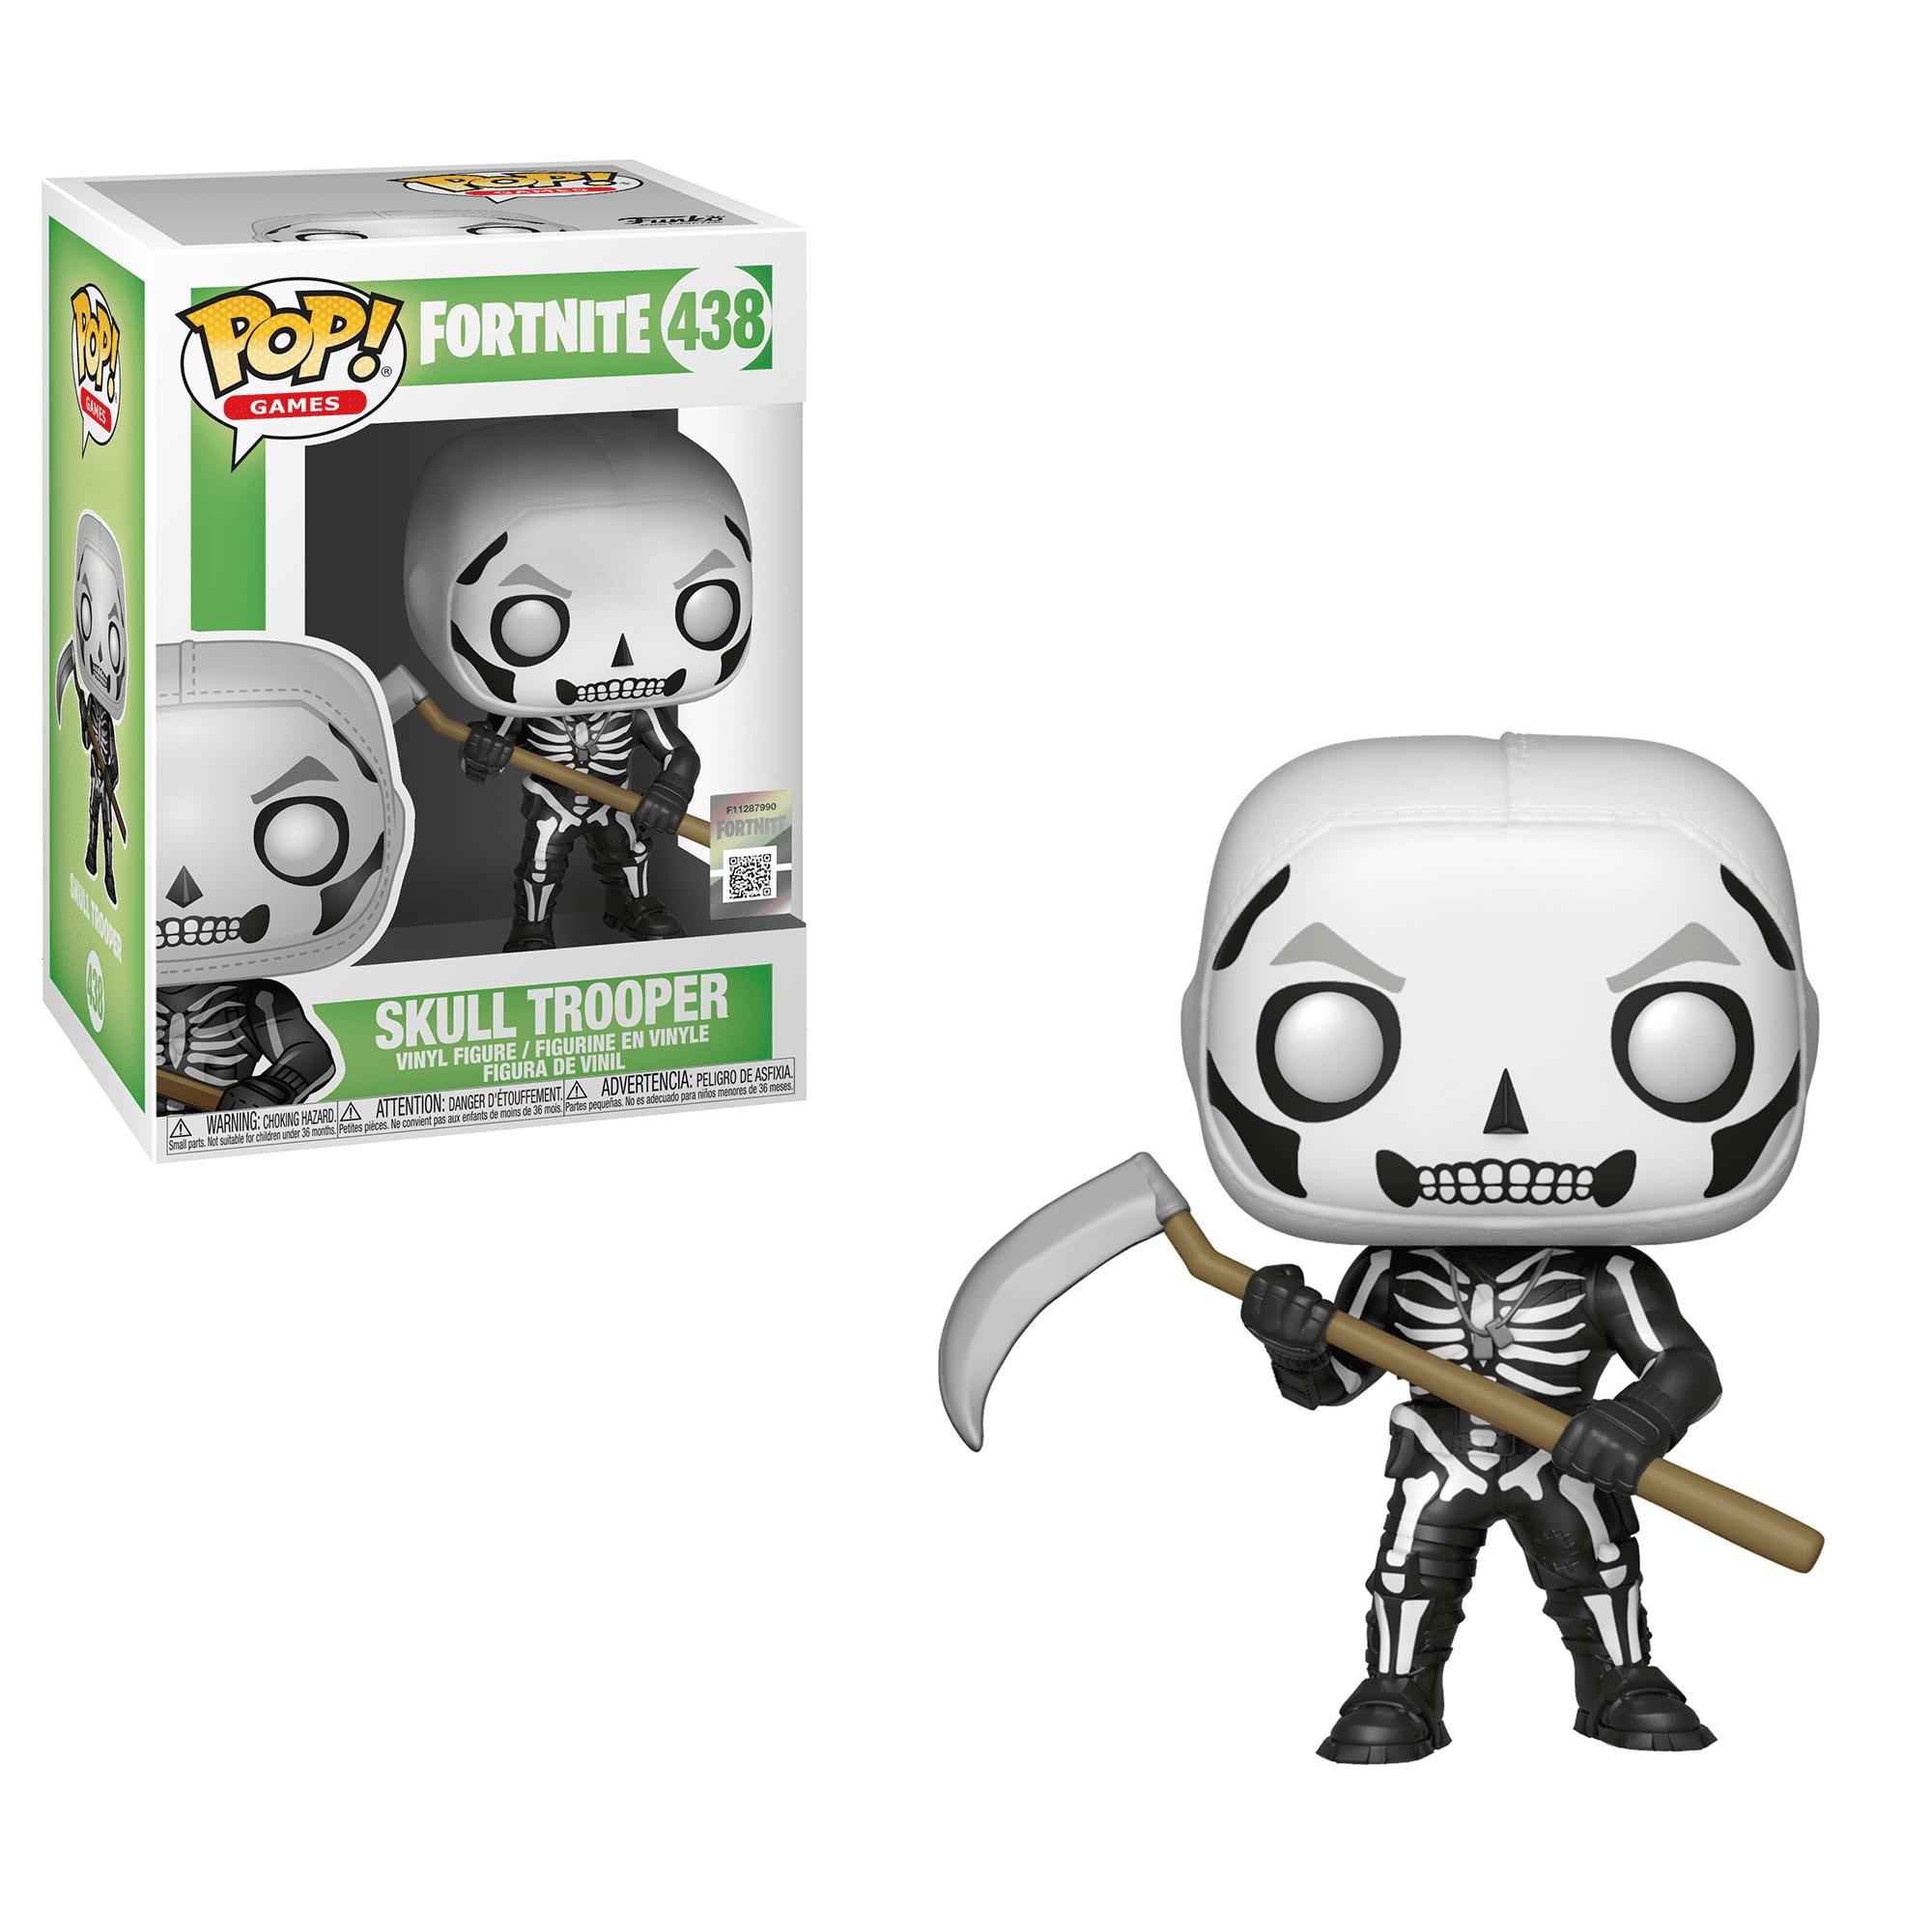 Funko POP! Games: Fortnite S1 - Skull Trooper